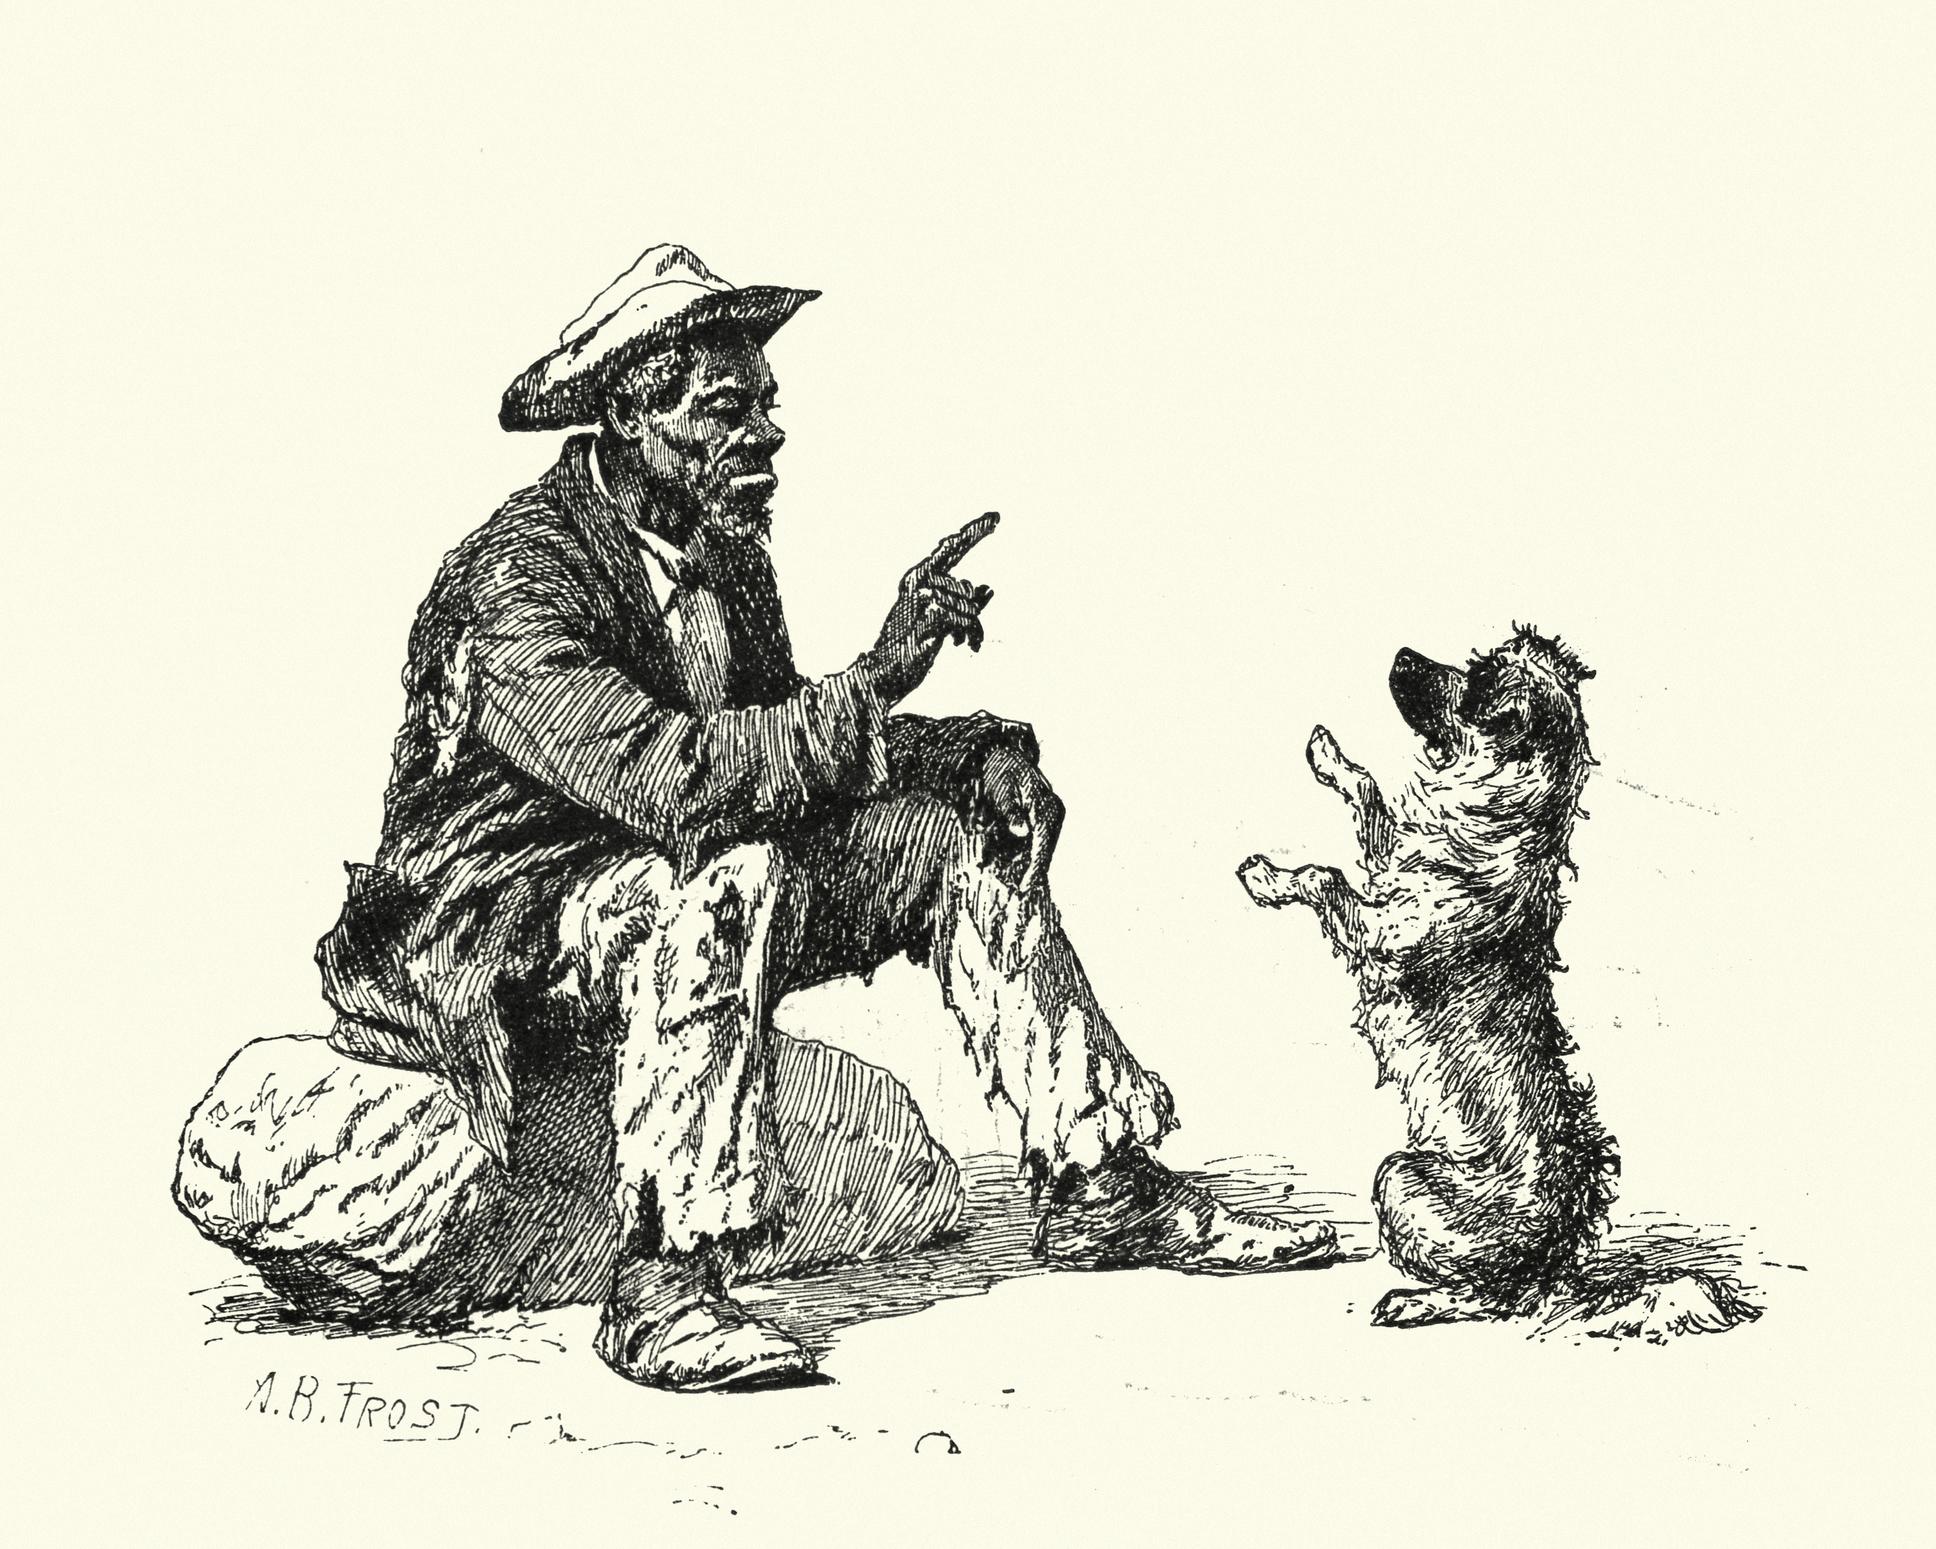 Hundens historia och utveckling